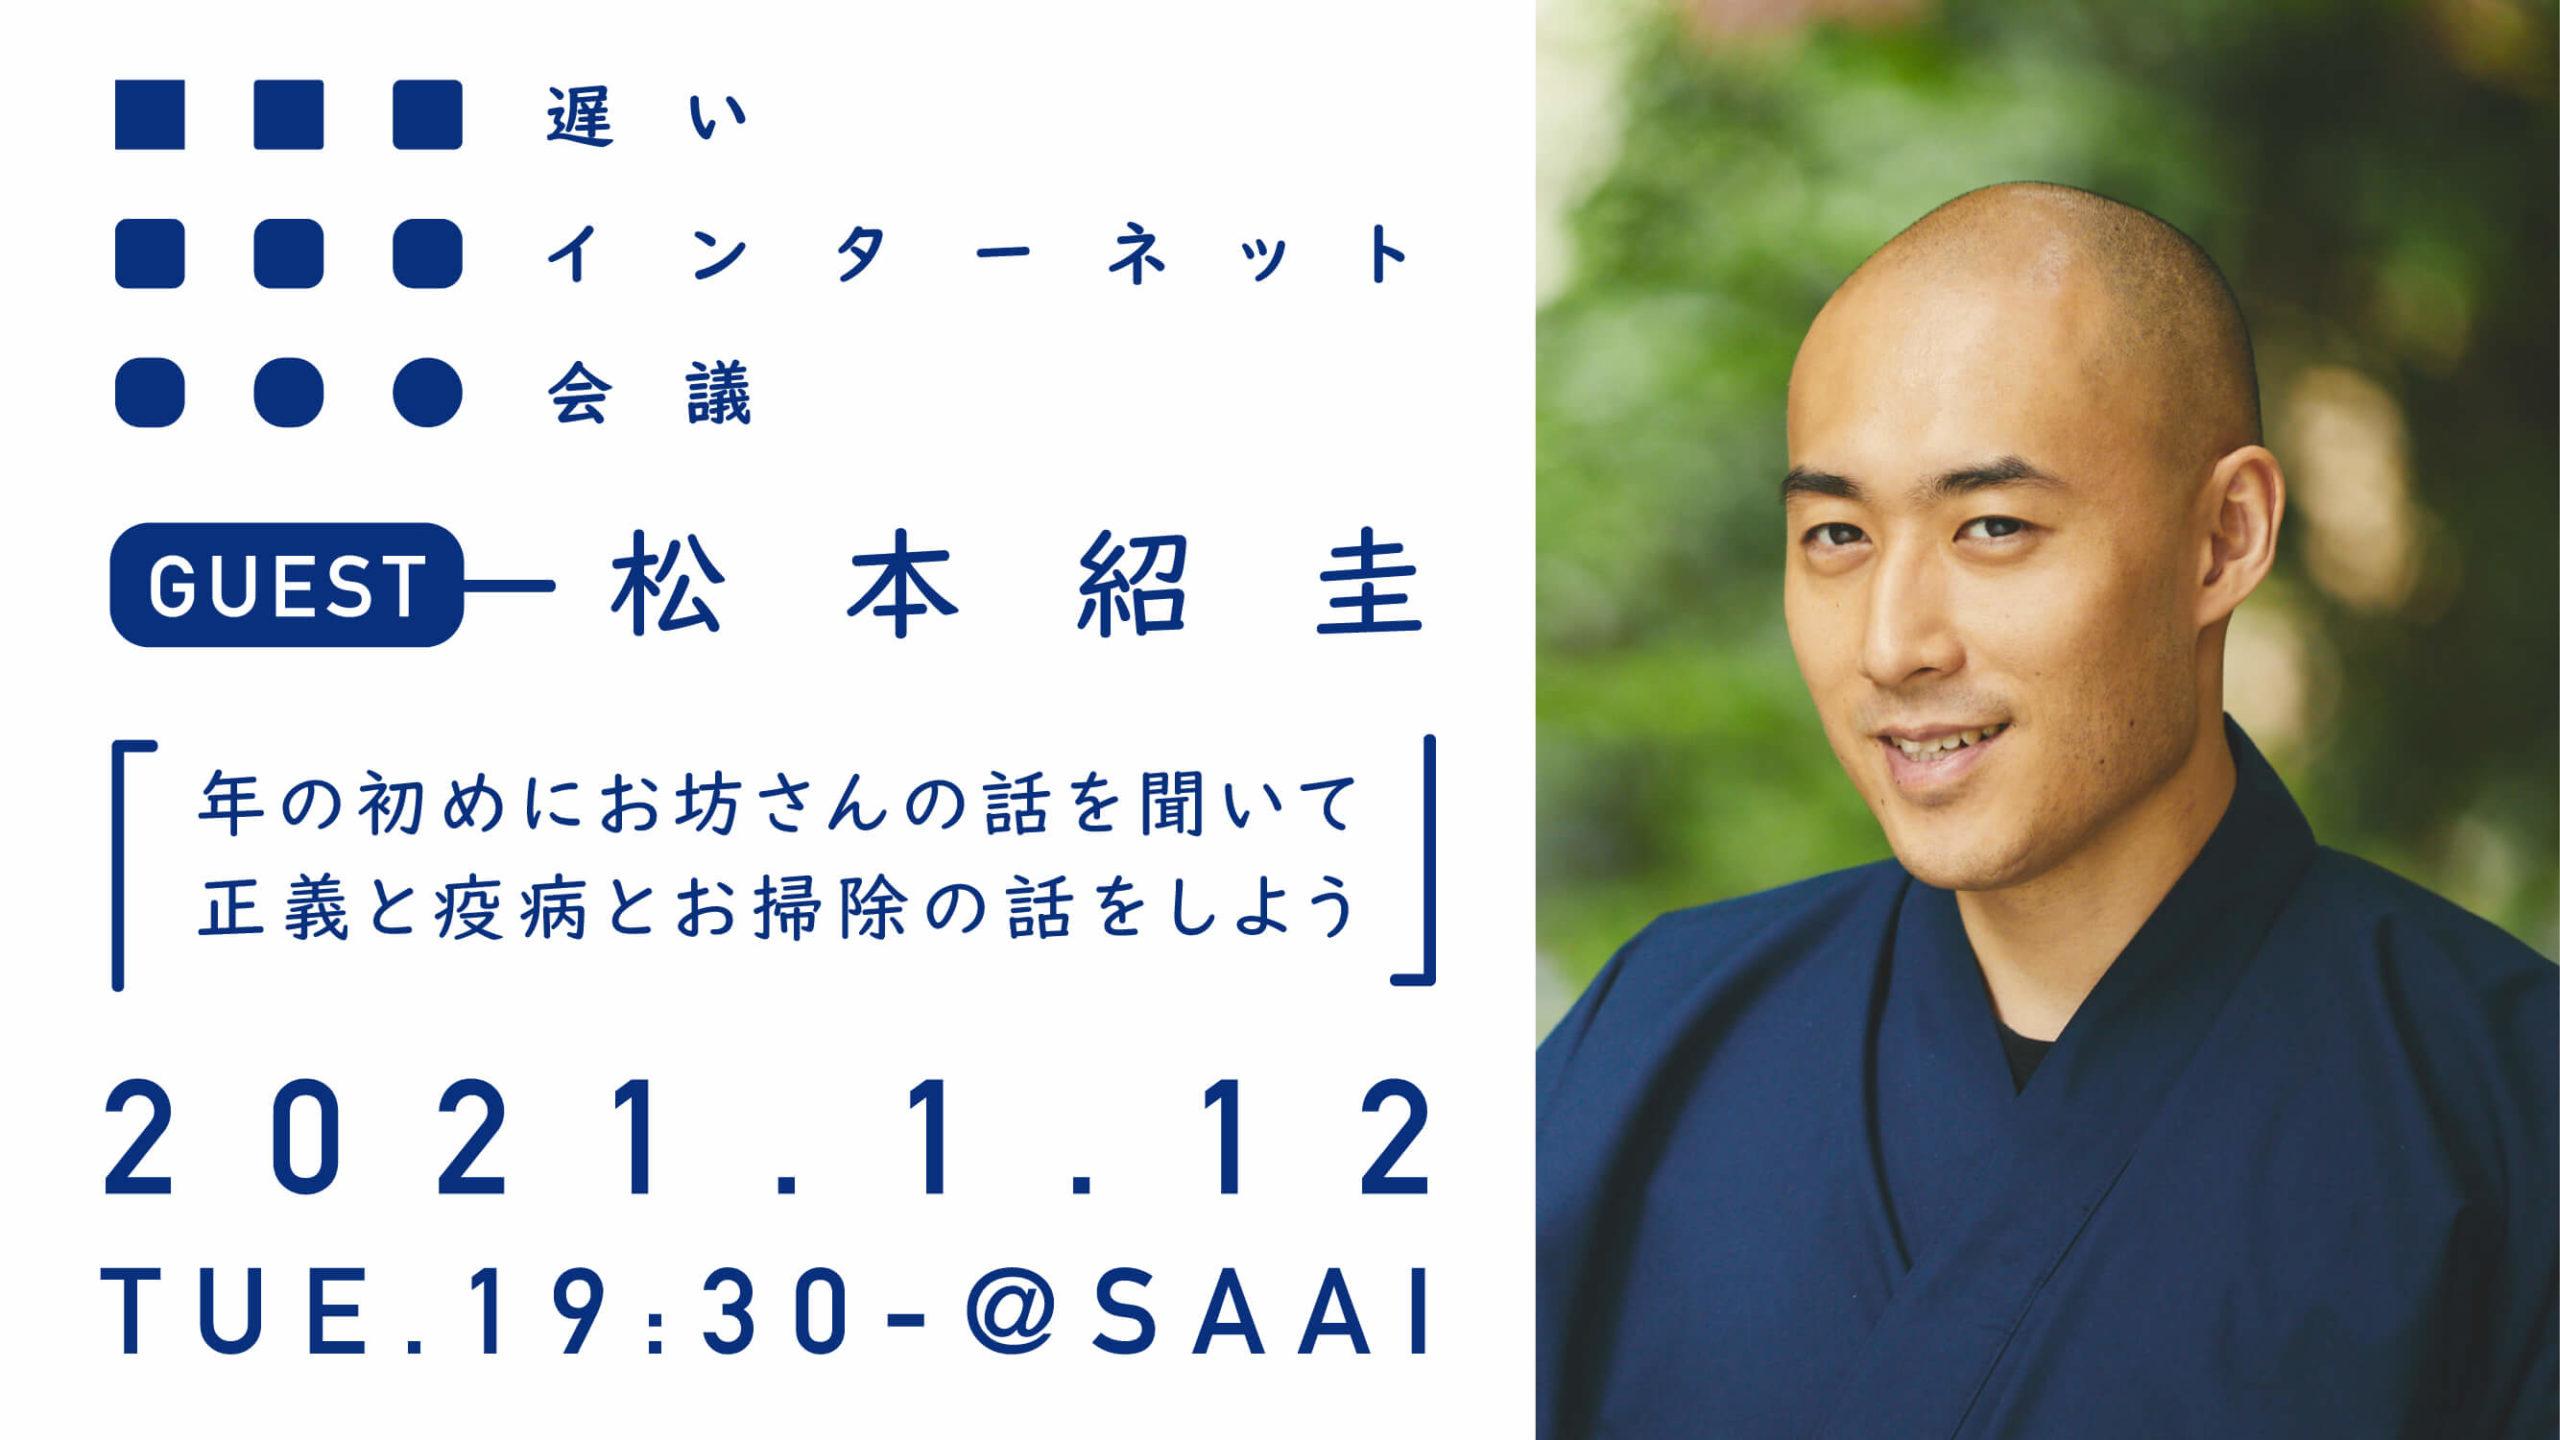 【遅いインターネット会議】ゲスト:松本紹圭さん「年の初めにお坊さんの話を聞いて正義と疫病とお掃除の話をしよう」